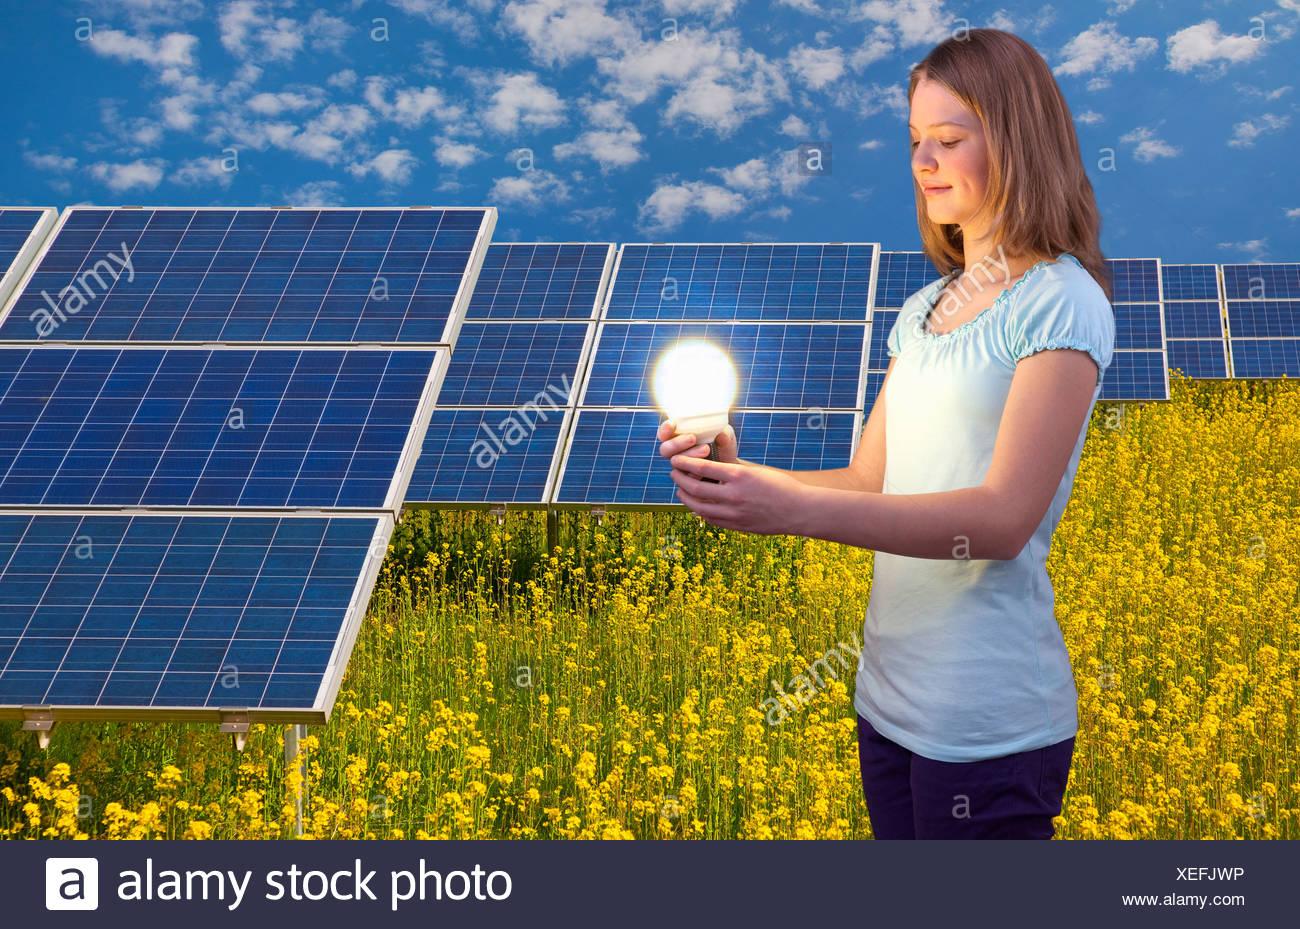 Mujer con bombilla y paneles solares Imagen De Stock